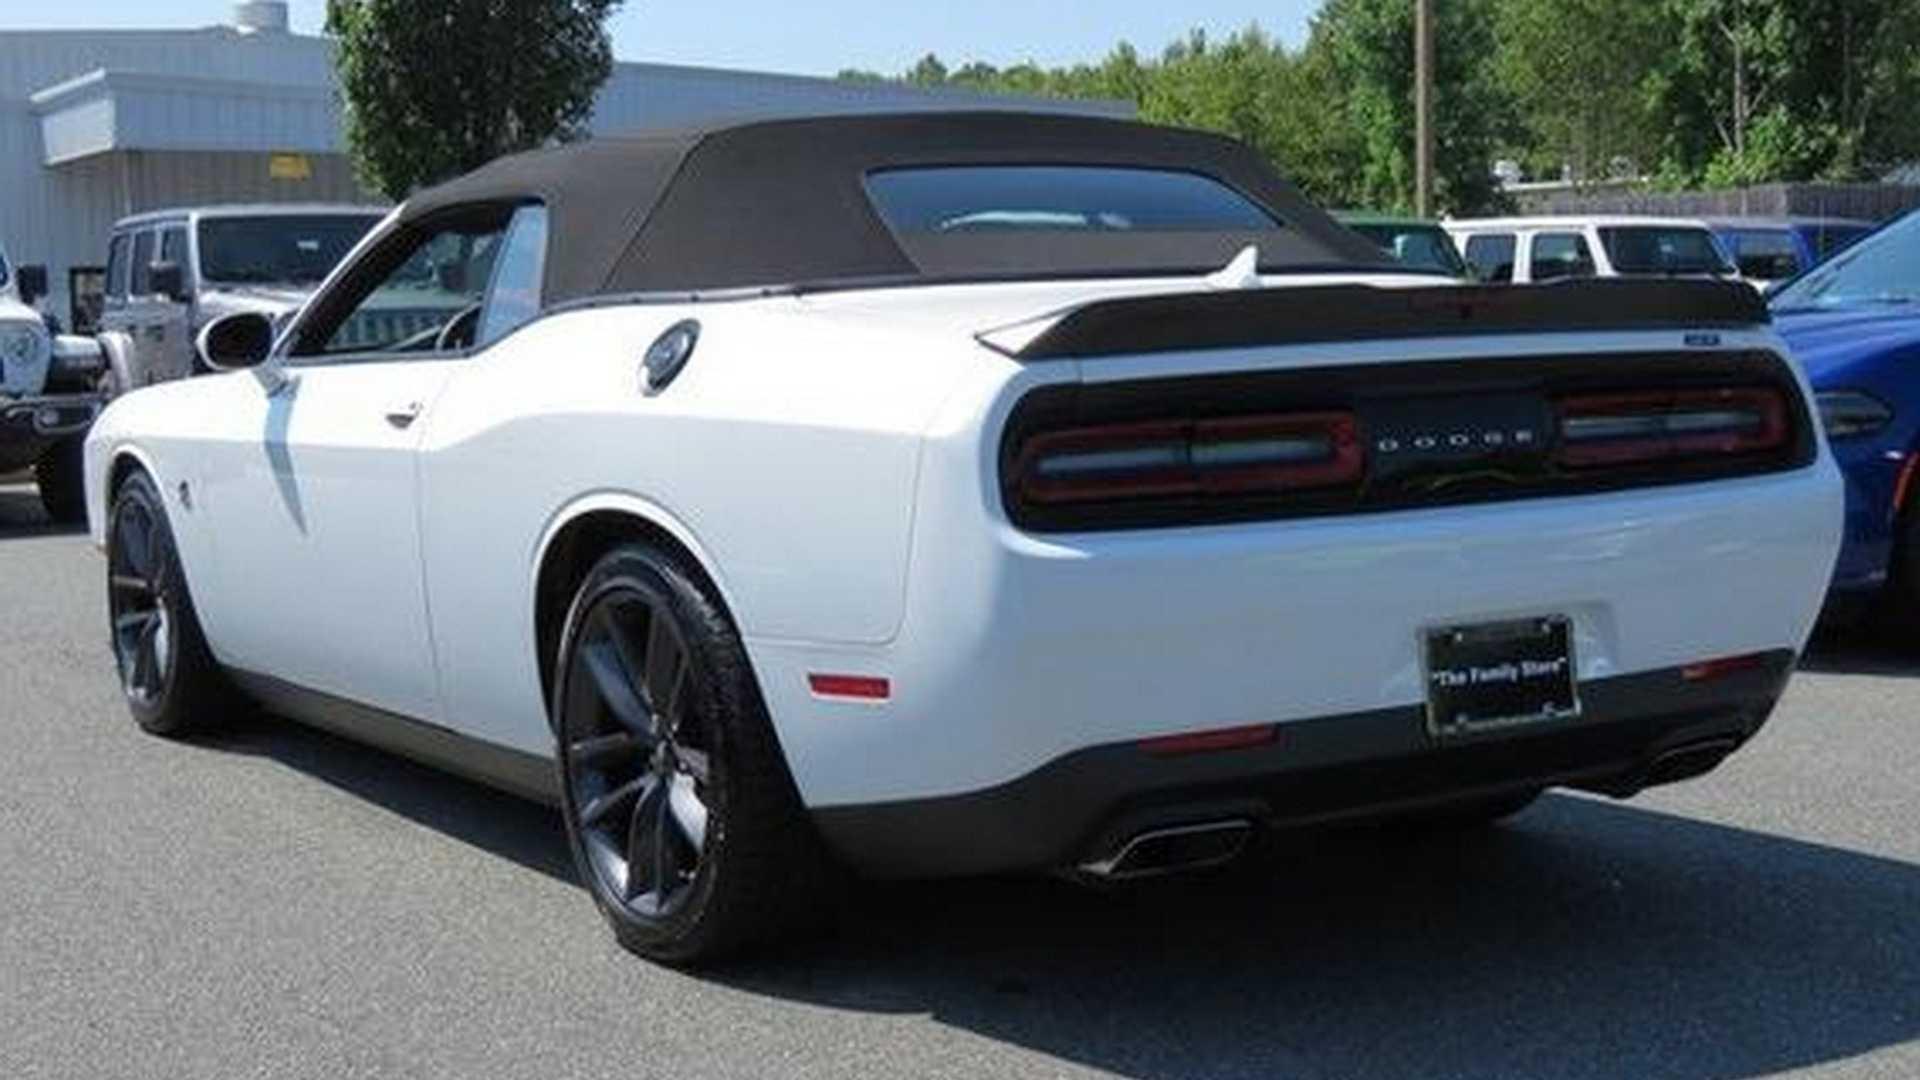 Дилер сделал Dodge Challenger без крыши, чтобы клиенты не уходили за Камаро и Мустангом 2